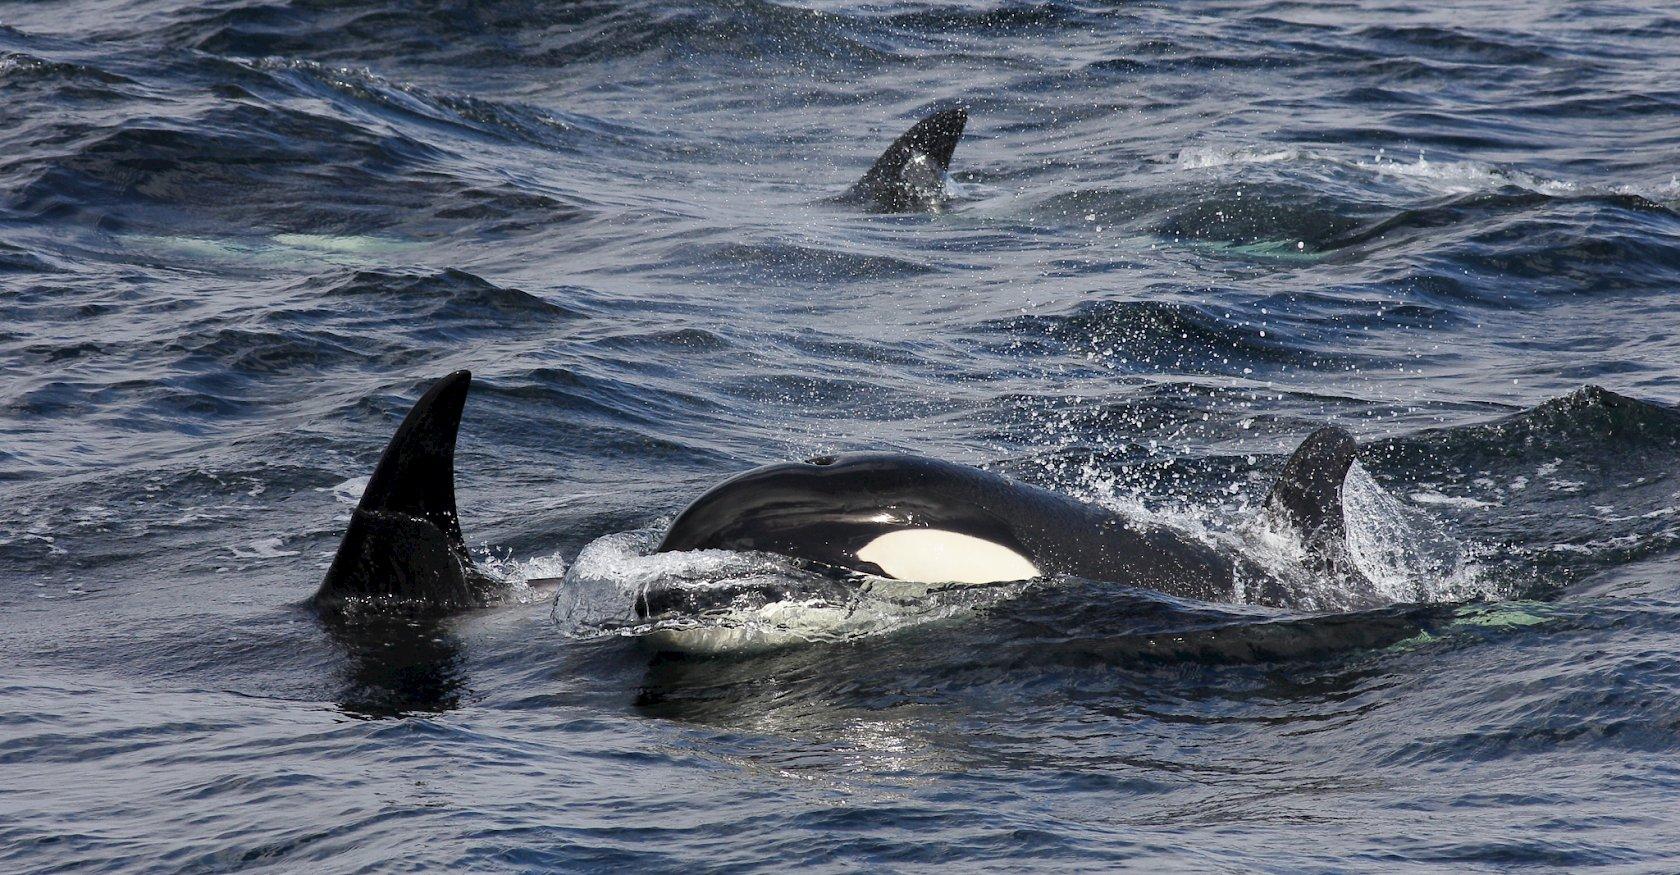 Shetland Wildlife: Killer Whales